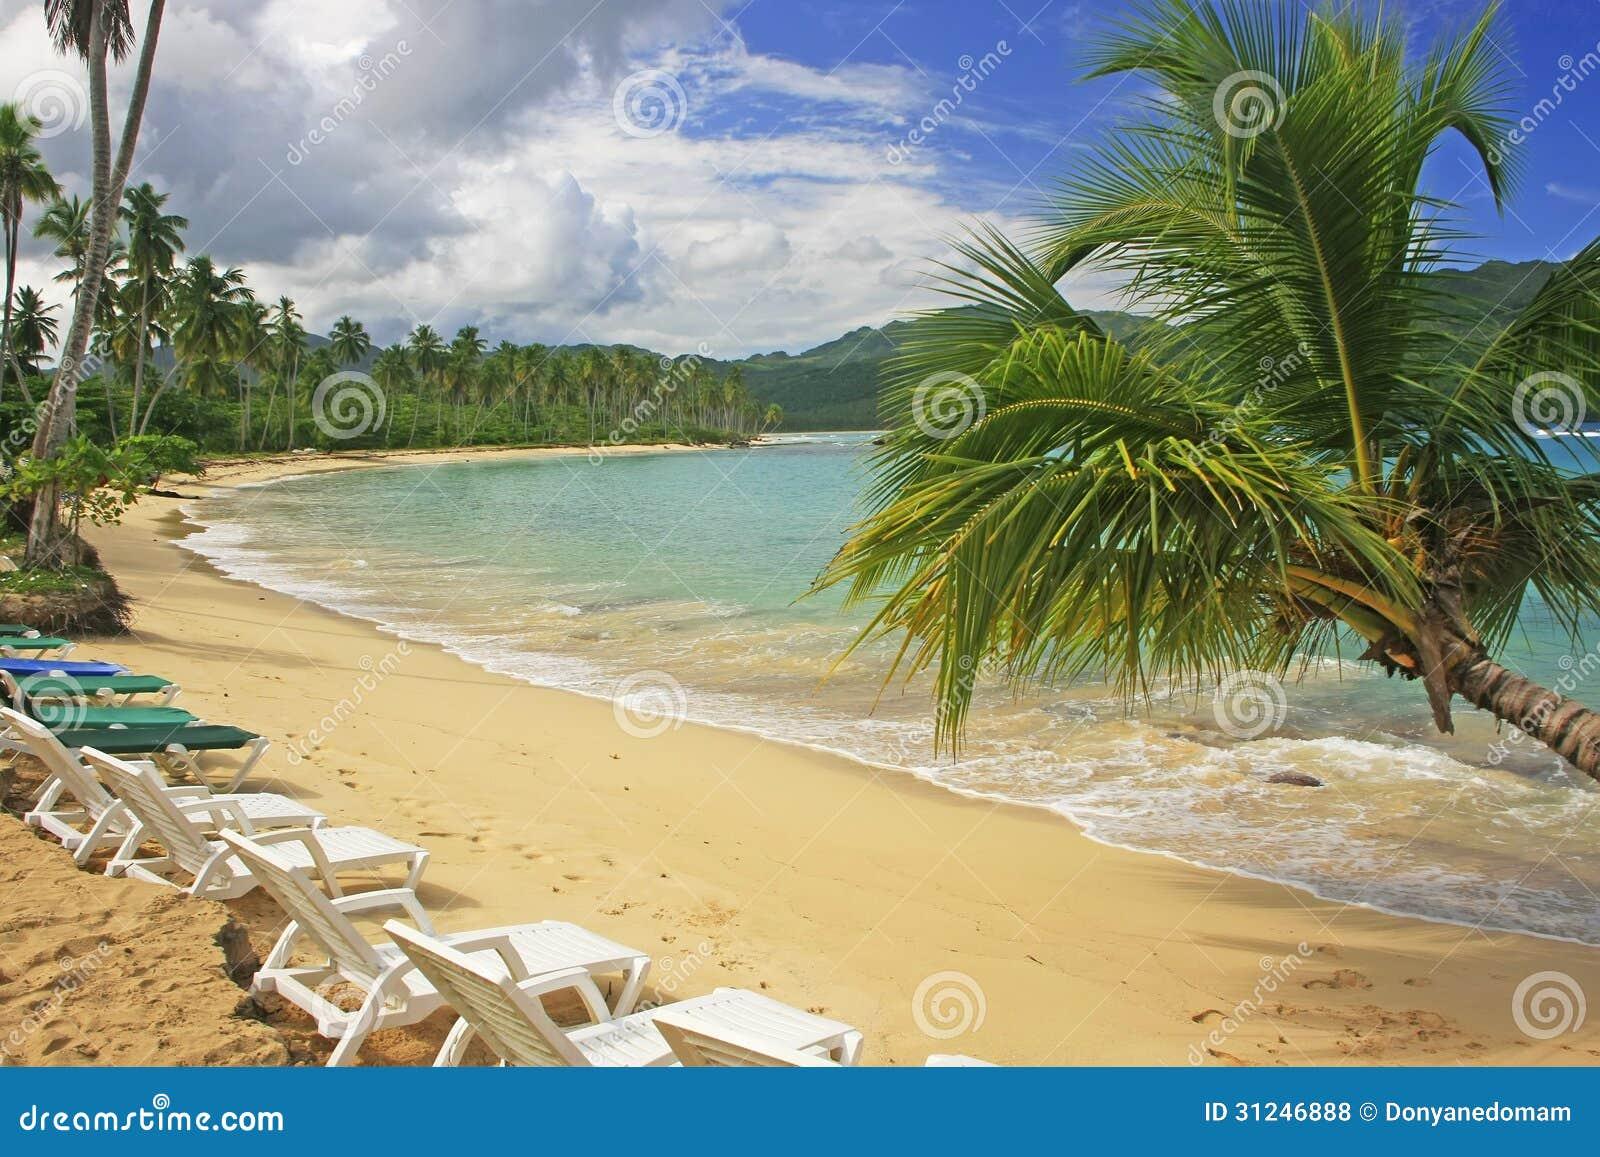 在林孔海滩, Samana半岛的倾斜的棕榈树